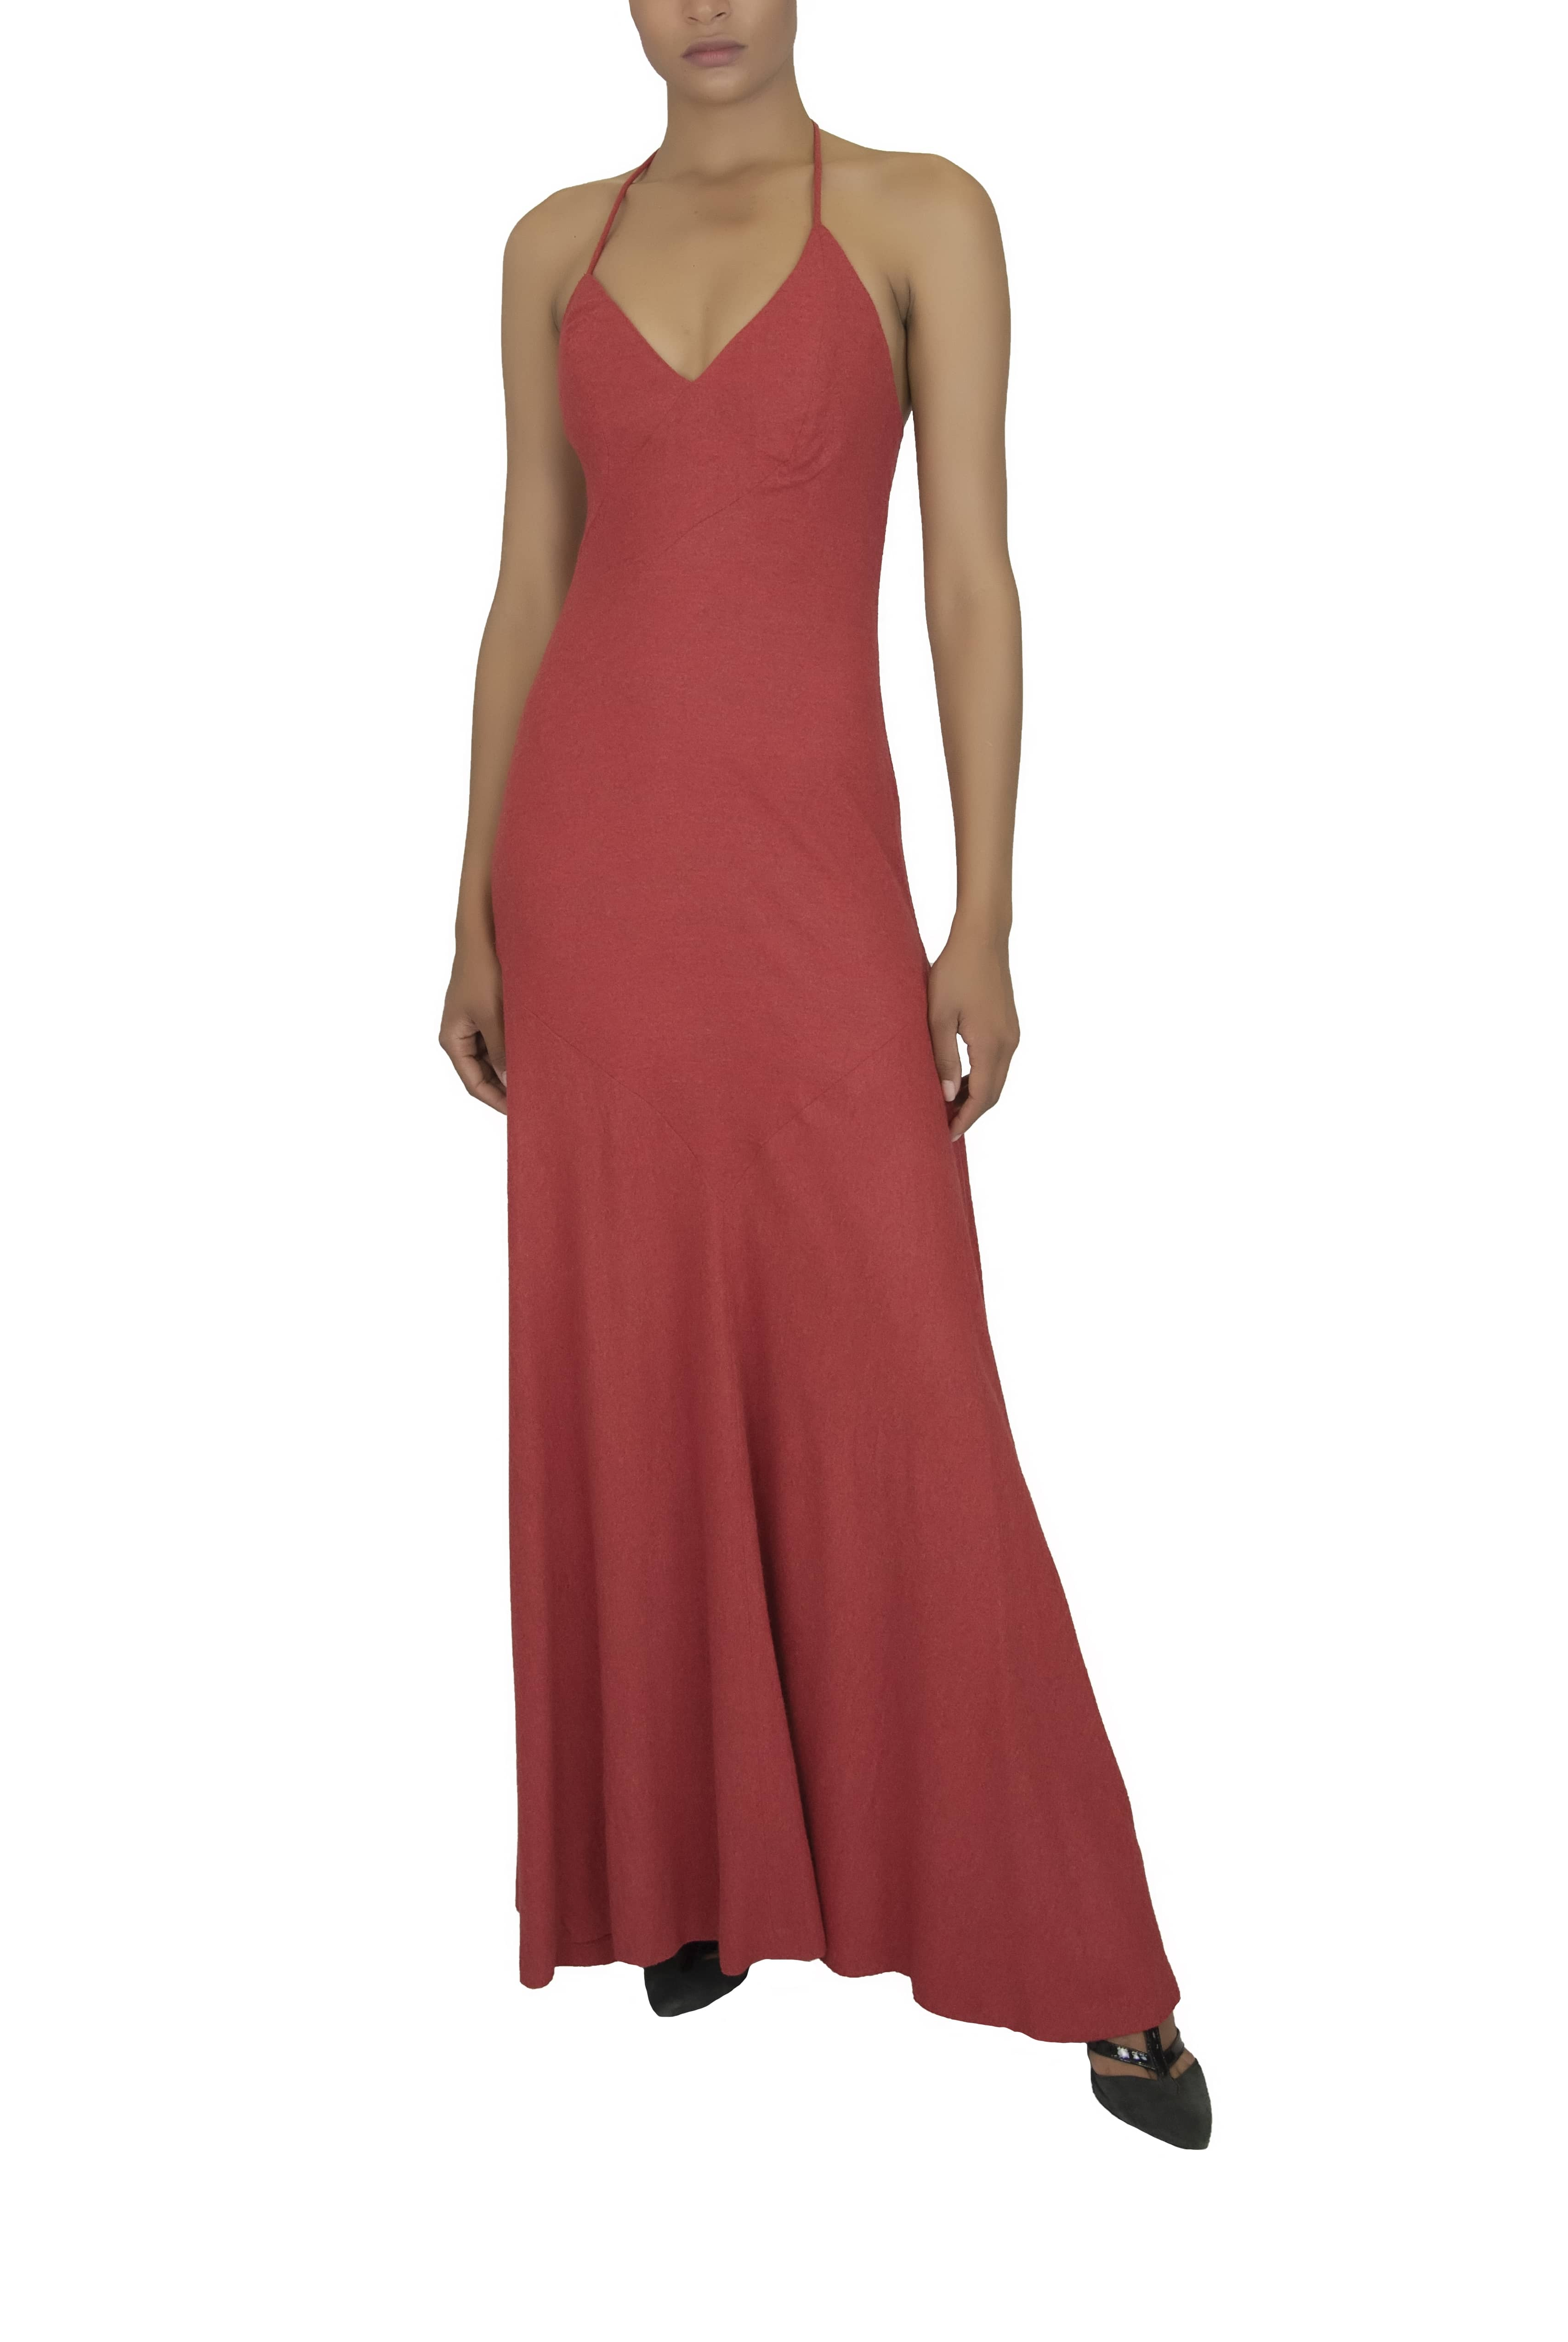 Dress FAFNIR 1